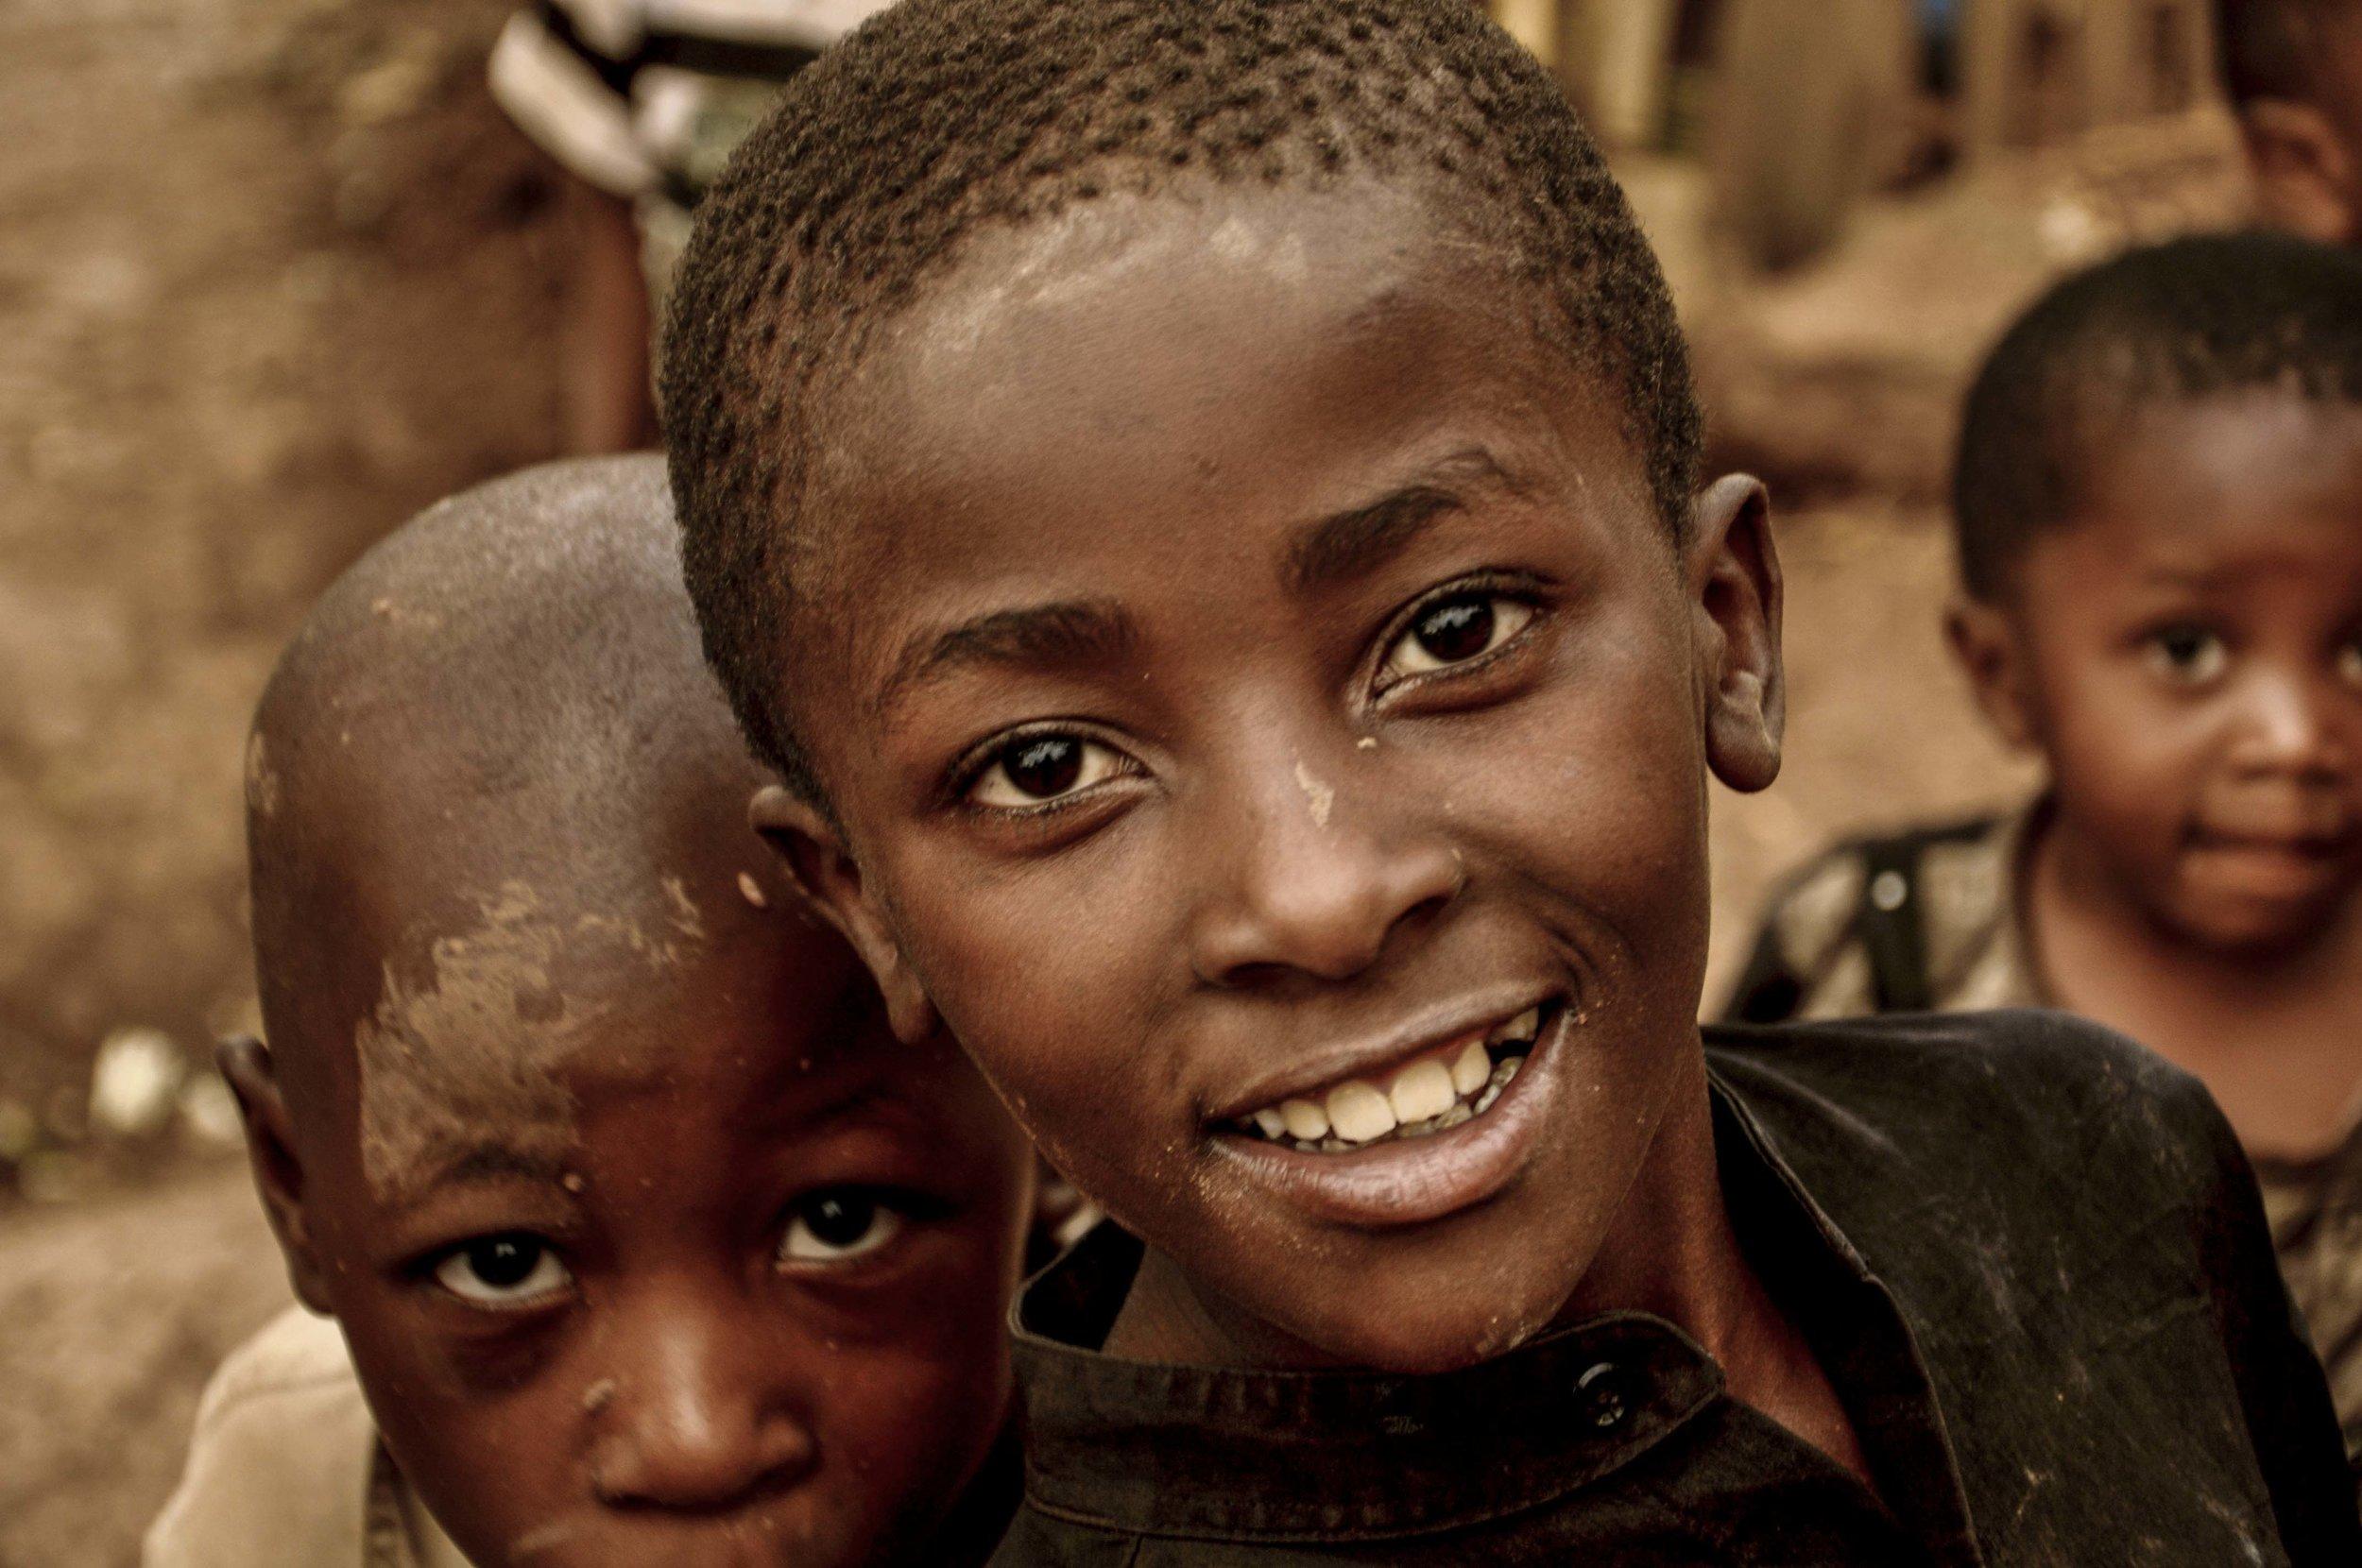 FRANCESCAVOLPI_CONGO_NGO 08.jpg